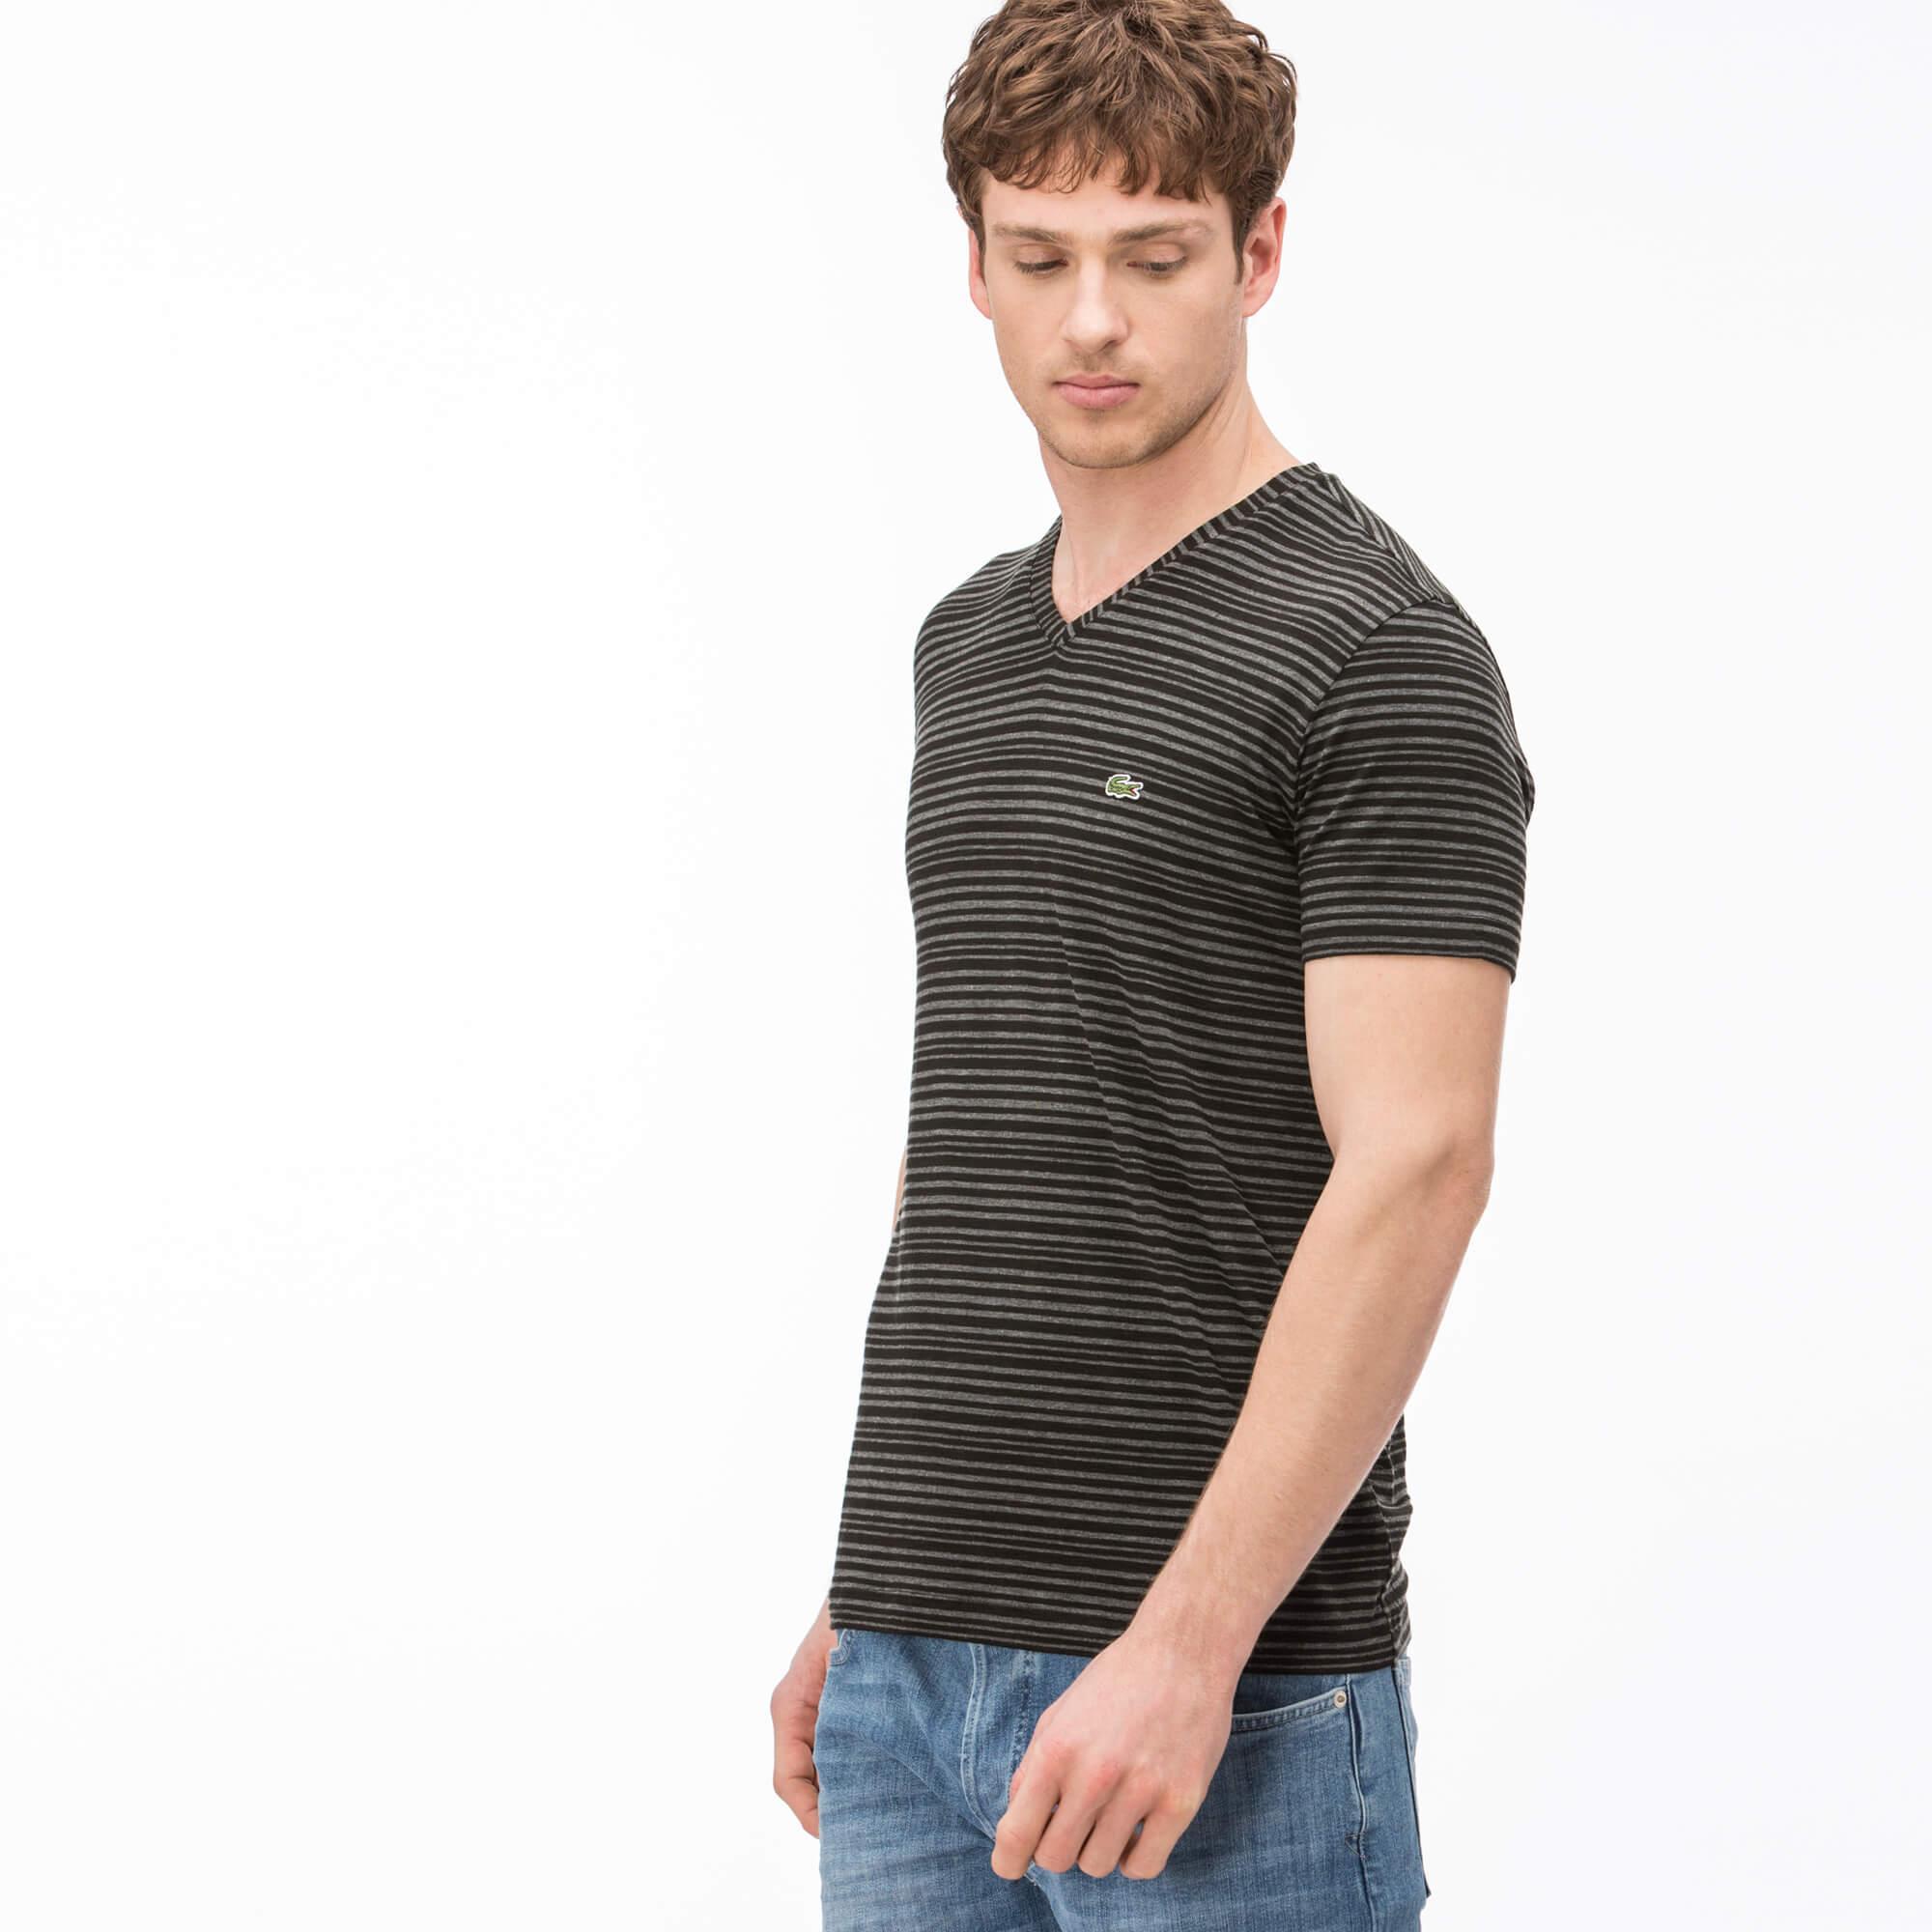 Lacoste Erkek Slim Fit Siyah T-Shirt